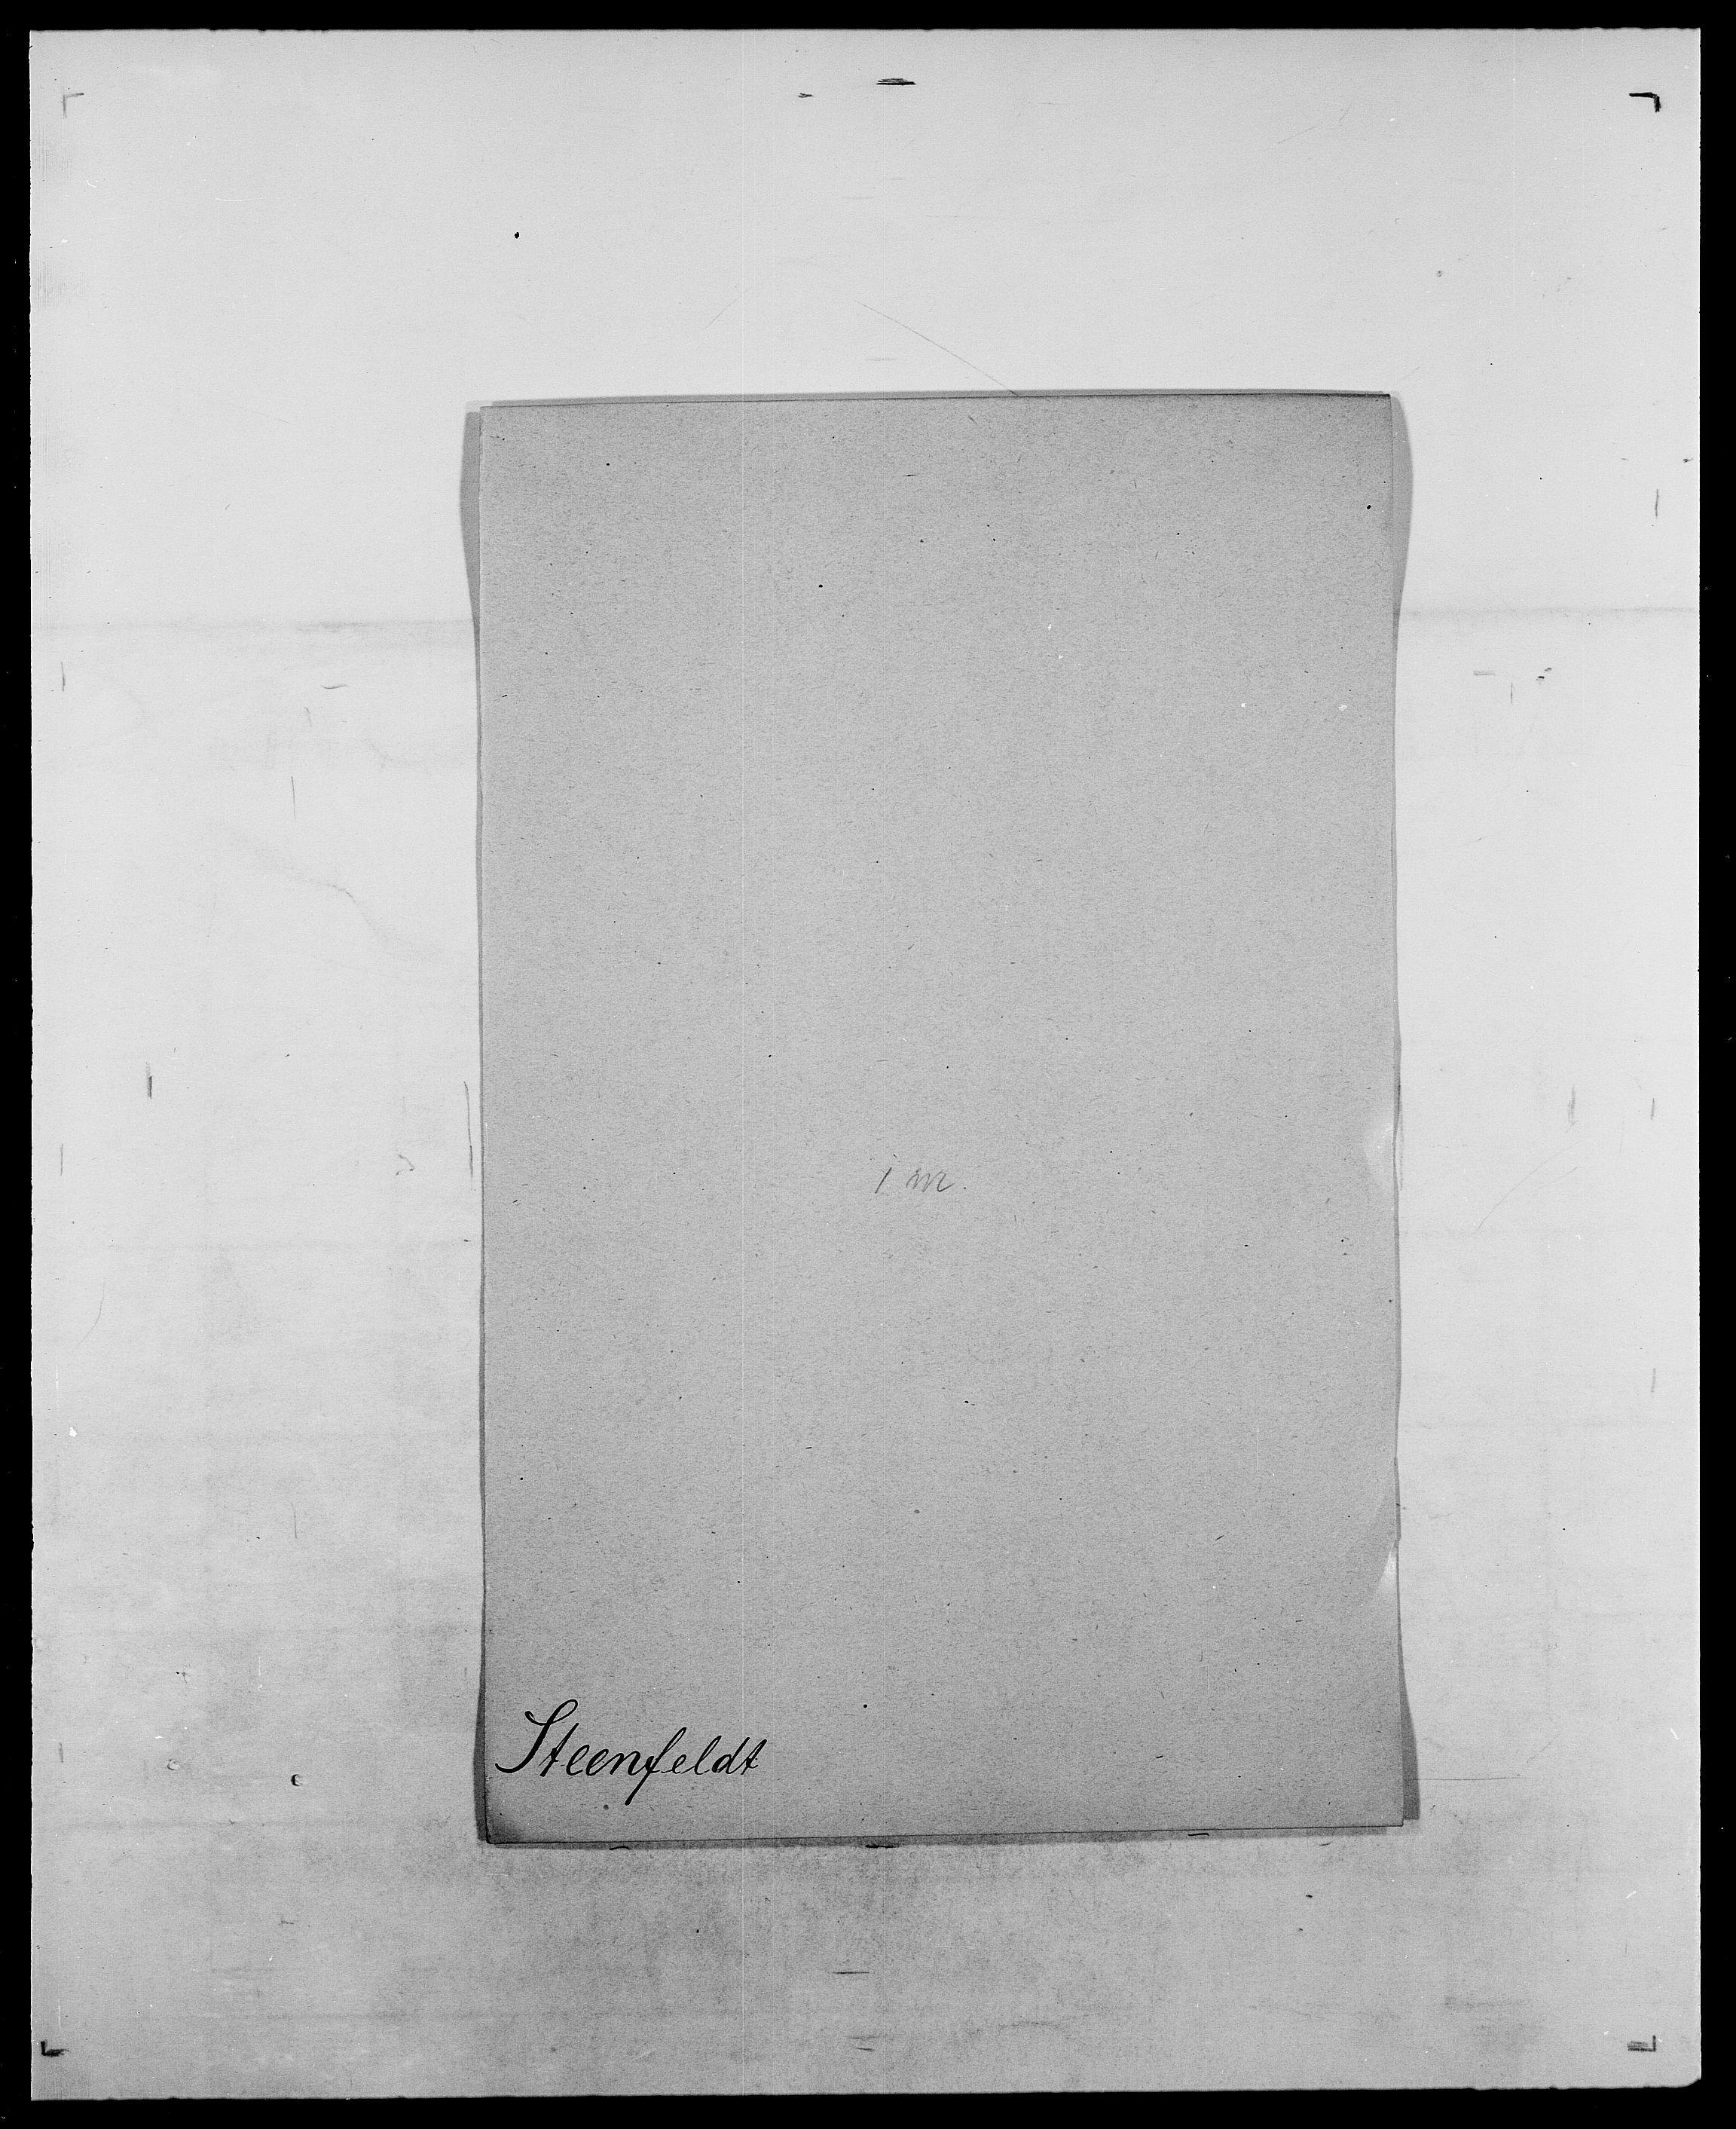 SAO, Delgobe, Charles Antoine - samling, D/Da/L0037: Steen, Sthen, Stein - Svare, Svanige, Svanne, se også Svanning og Schwane, s. 147